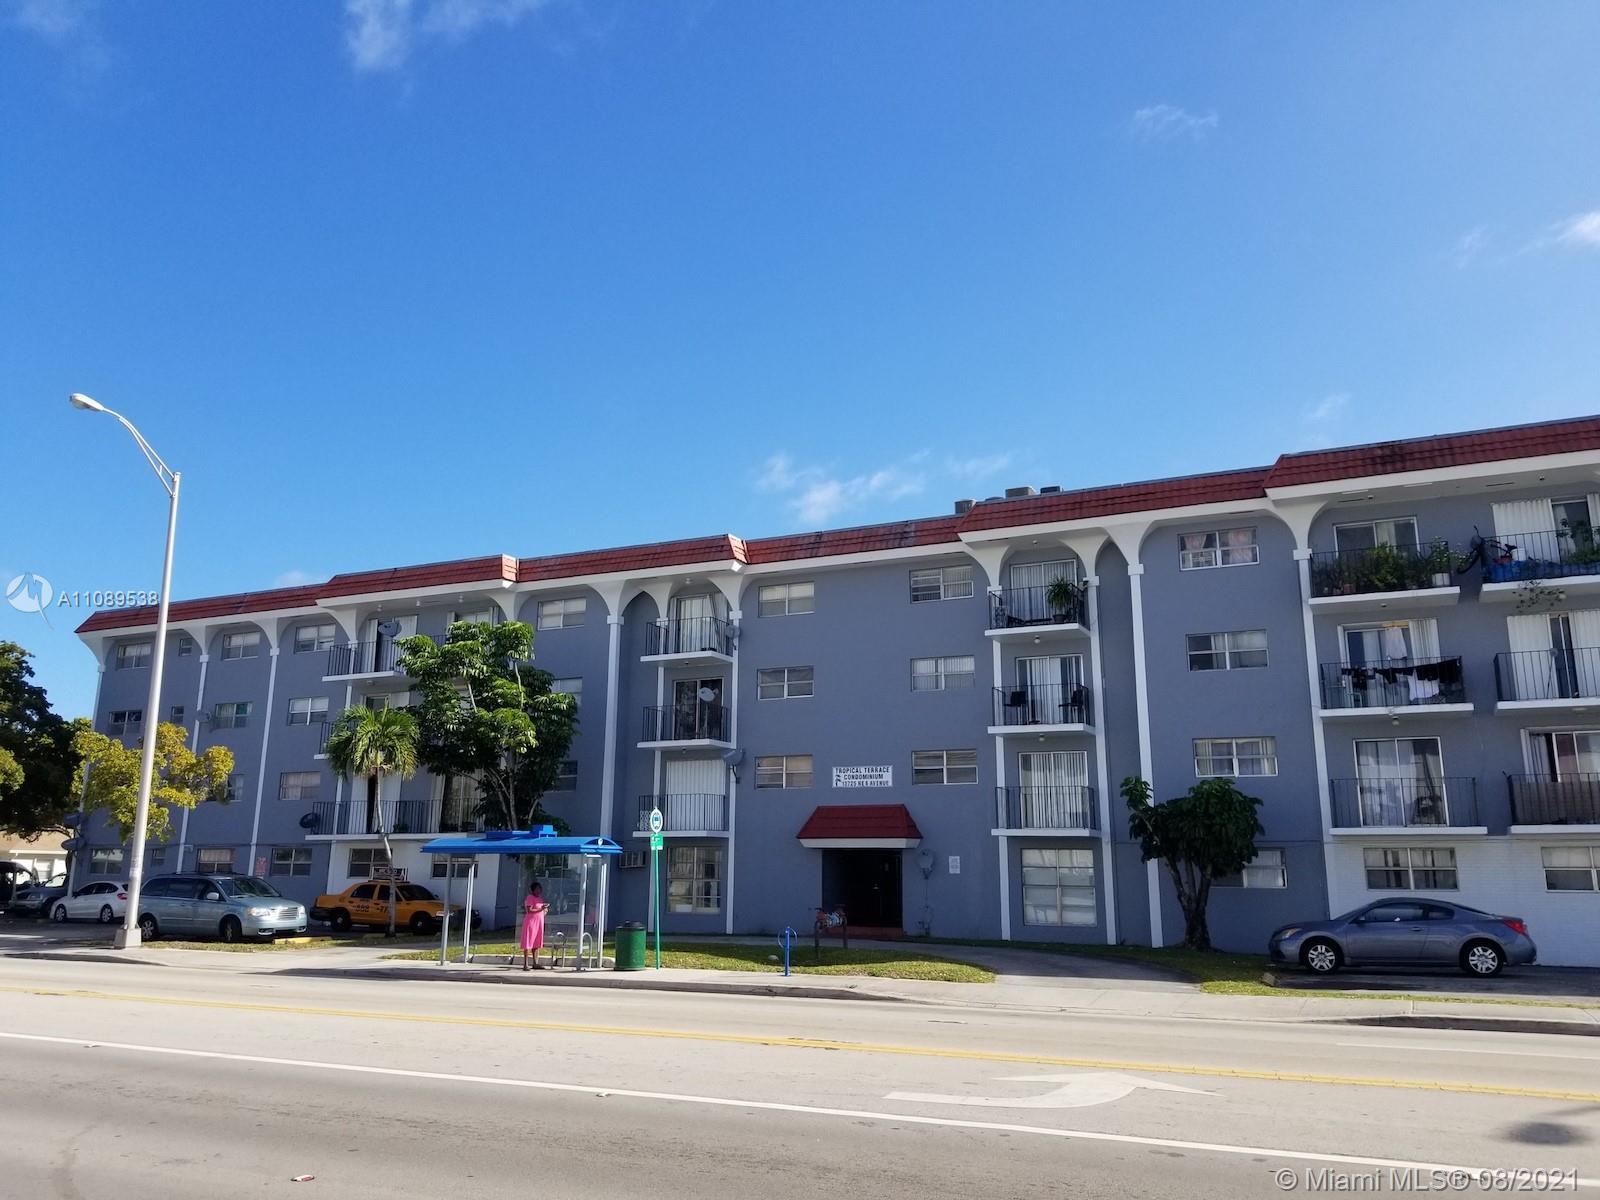 13725 NE 6th Ave Unit 404, North Miami, Florida 33161